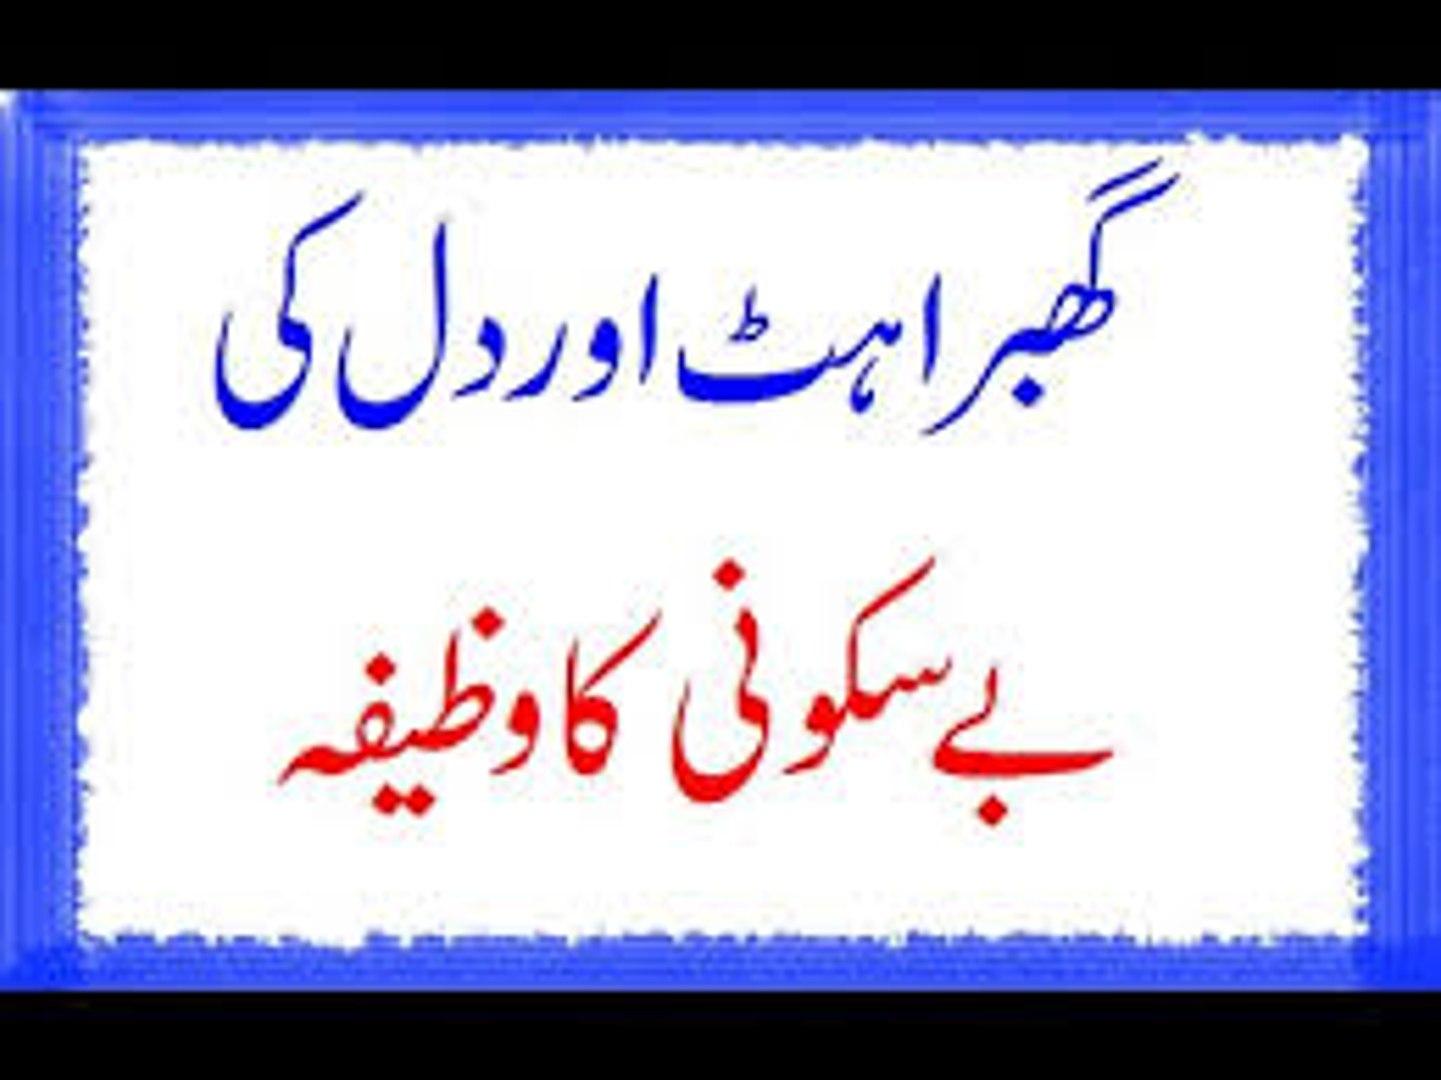 Ghabrahat Or Dil Ki Be Sakooni Ka Wazifa